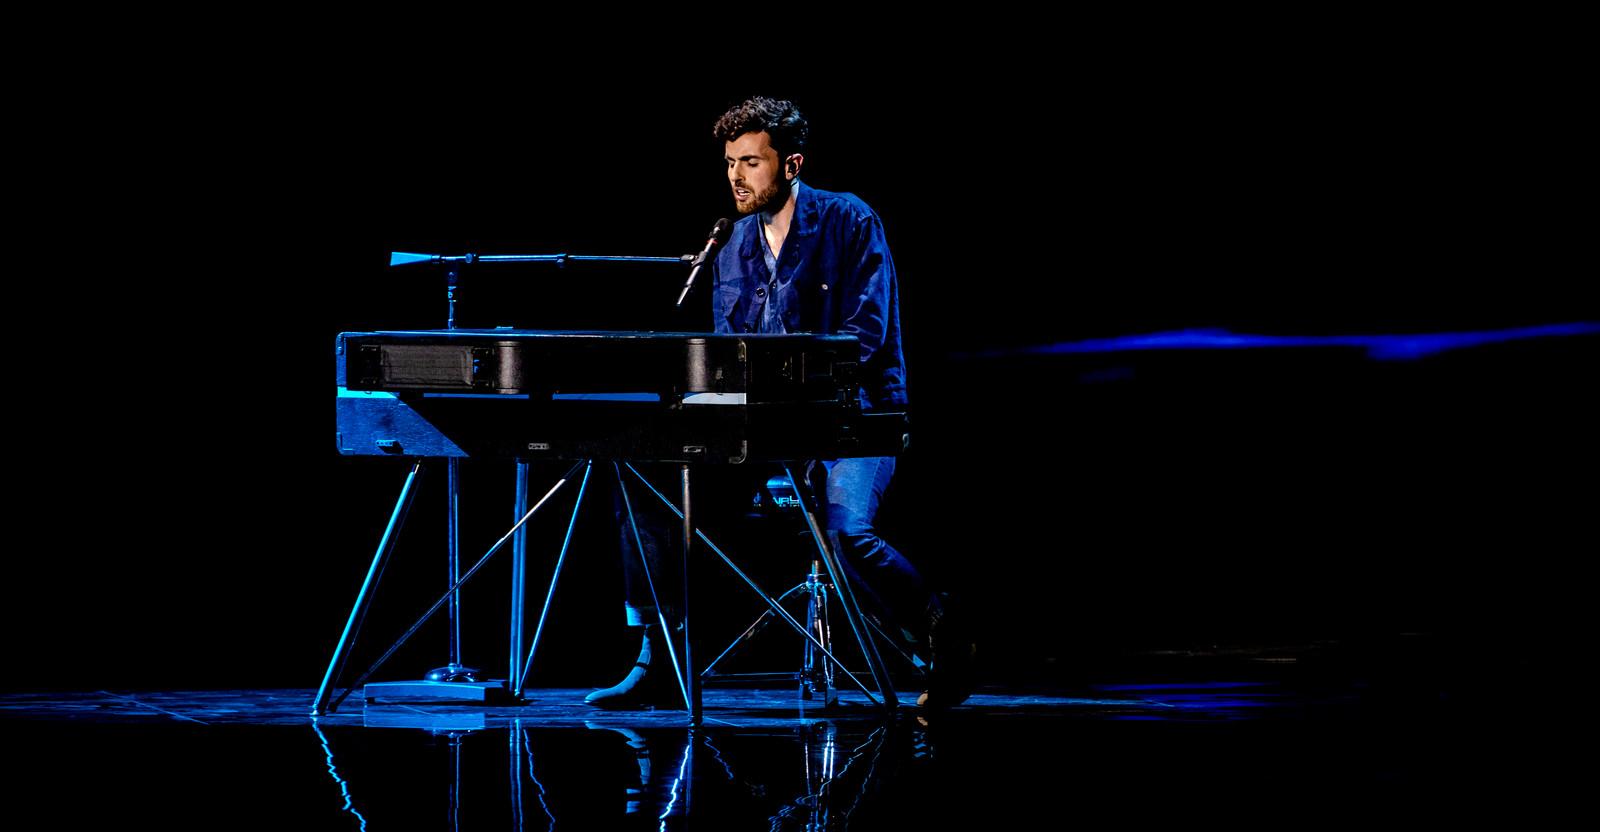 Duncan Lawrence tijdens zijn winnende optreden dit jaar op het Eurovisie Songfestival.